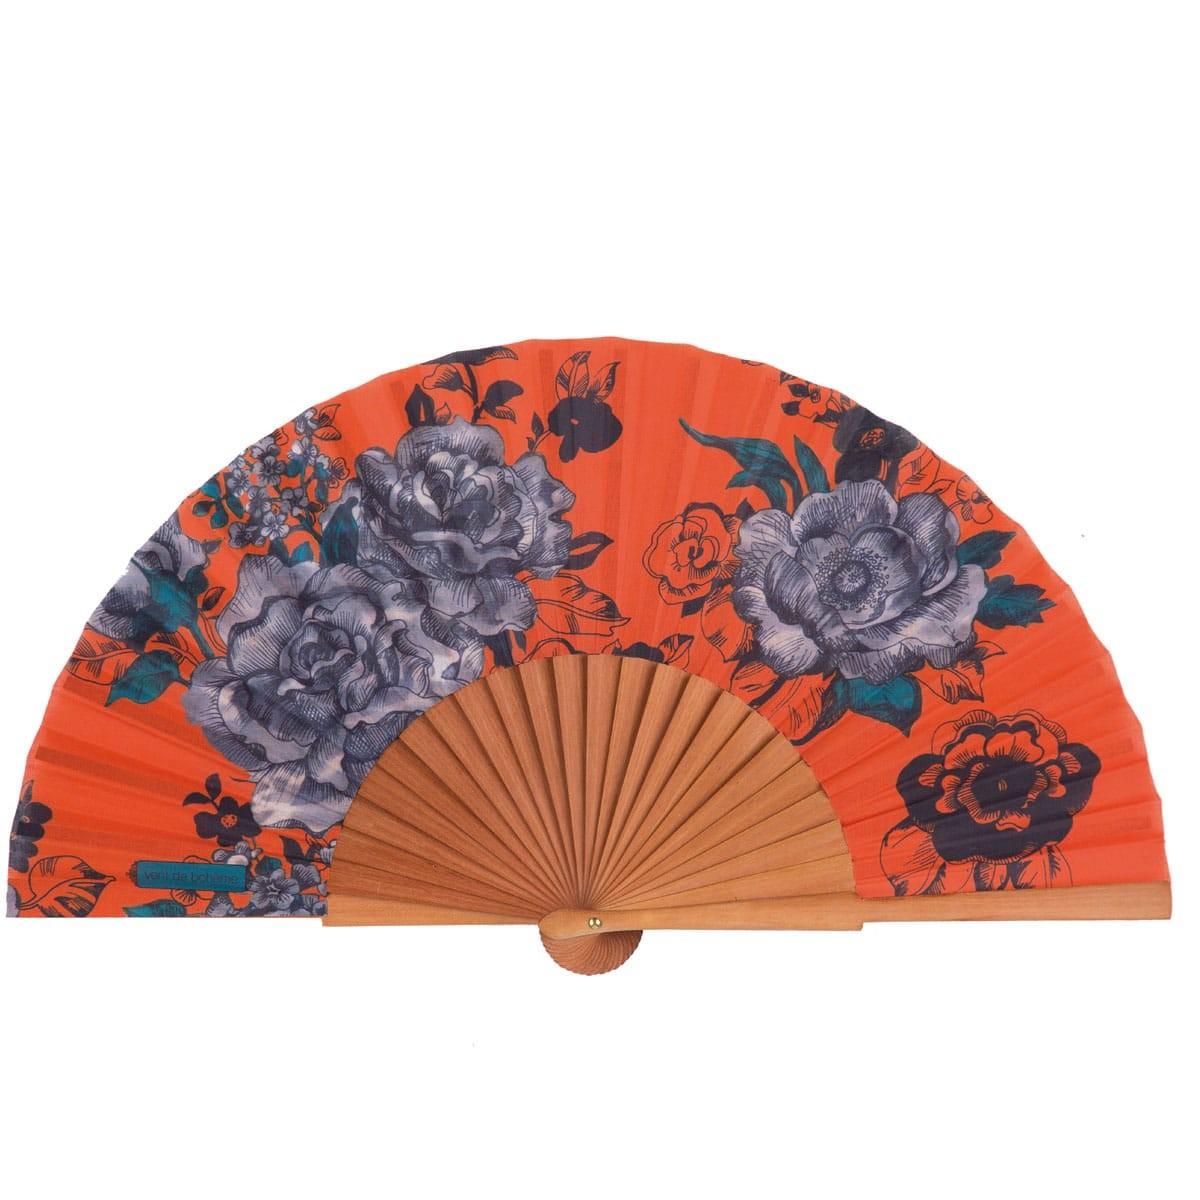 Éventail en bois de merisier et coton imprimé fleuri orange